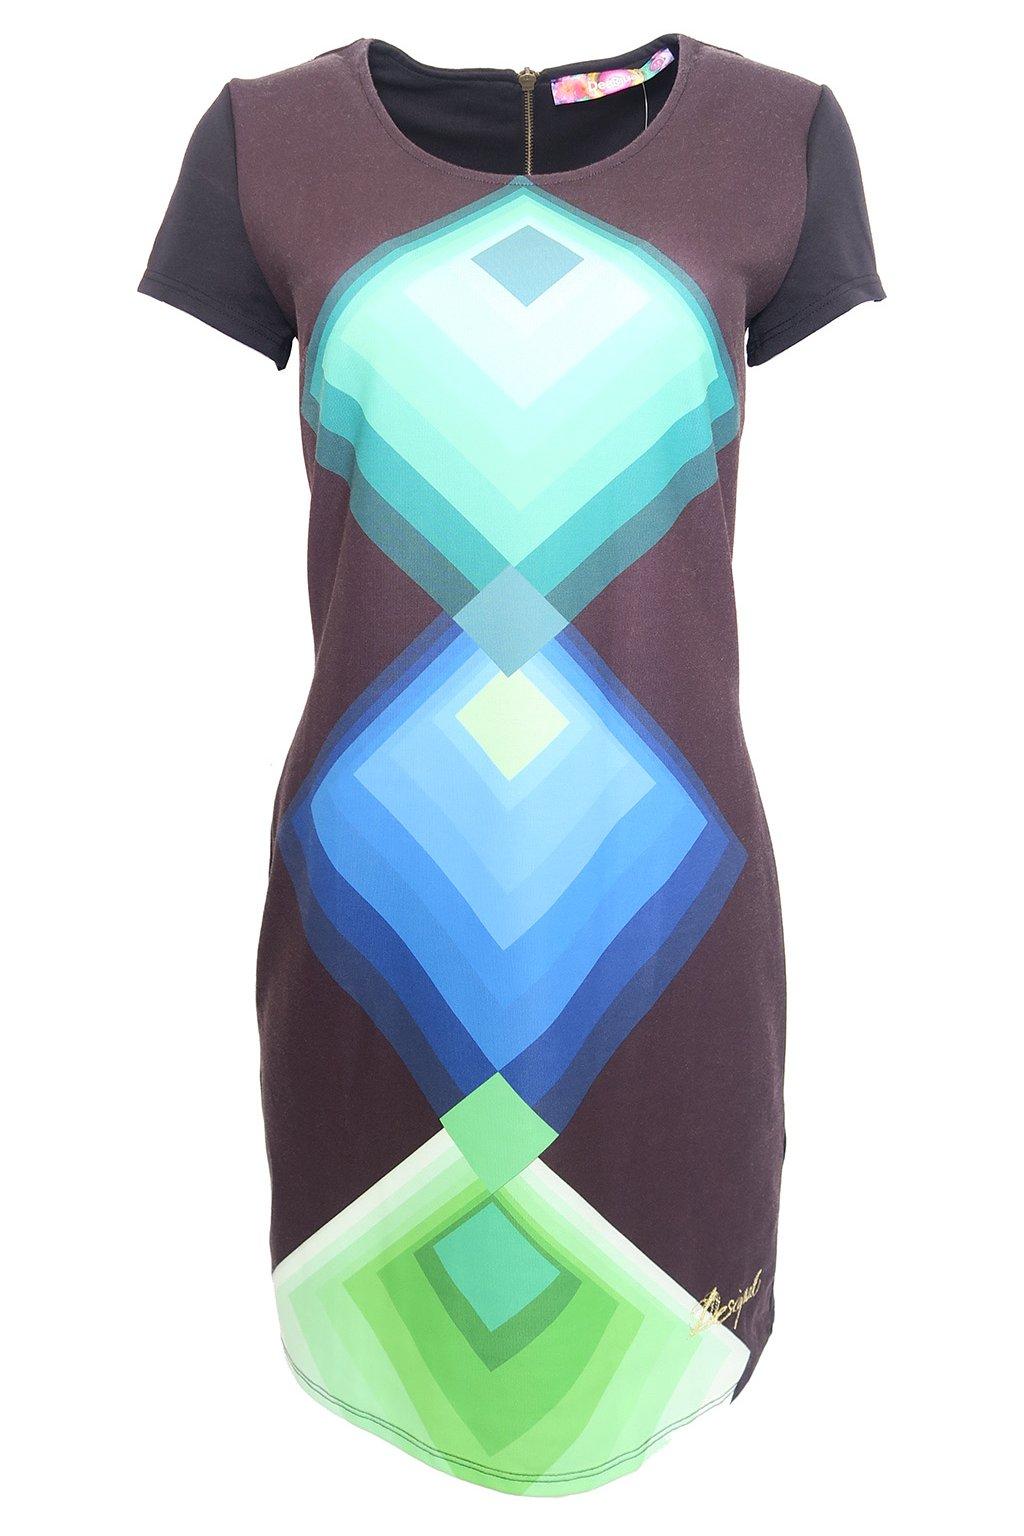 Desigual černé šaty se zelenomodrým vzorem